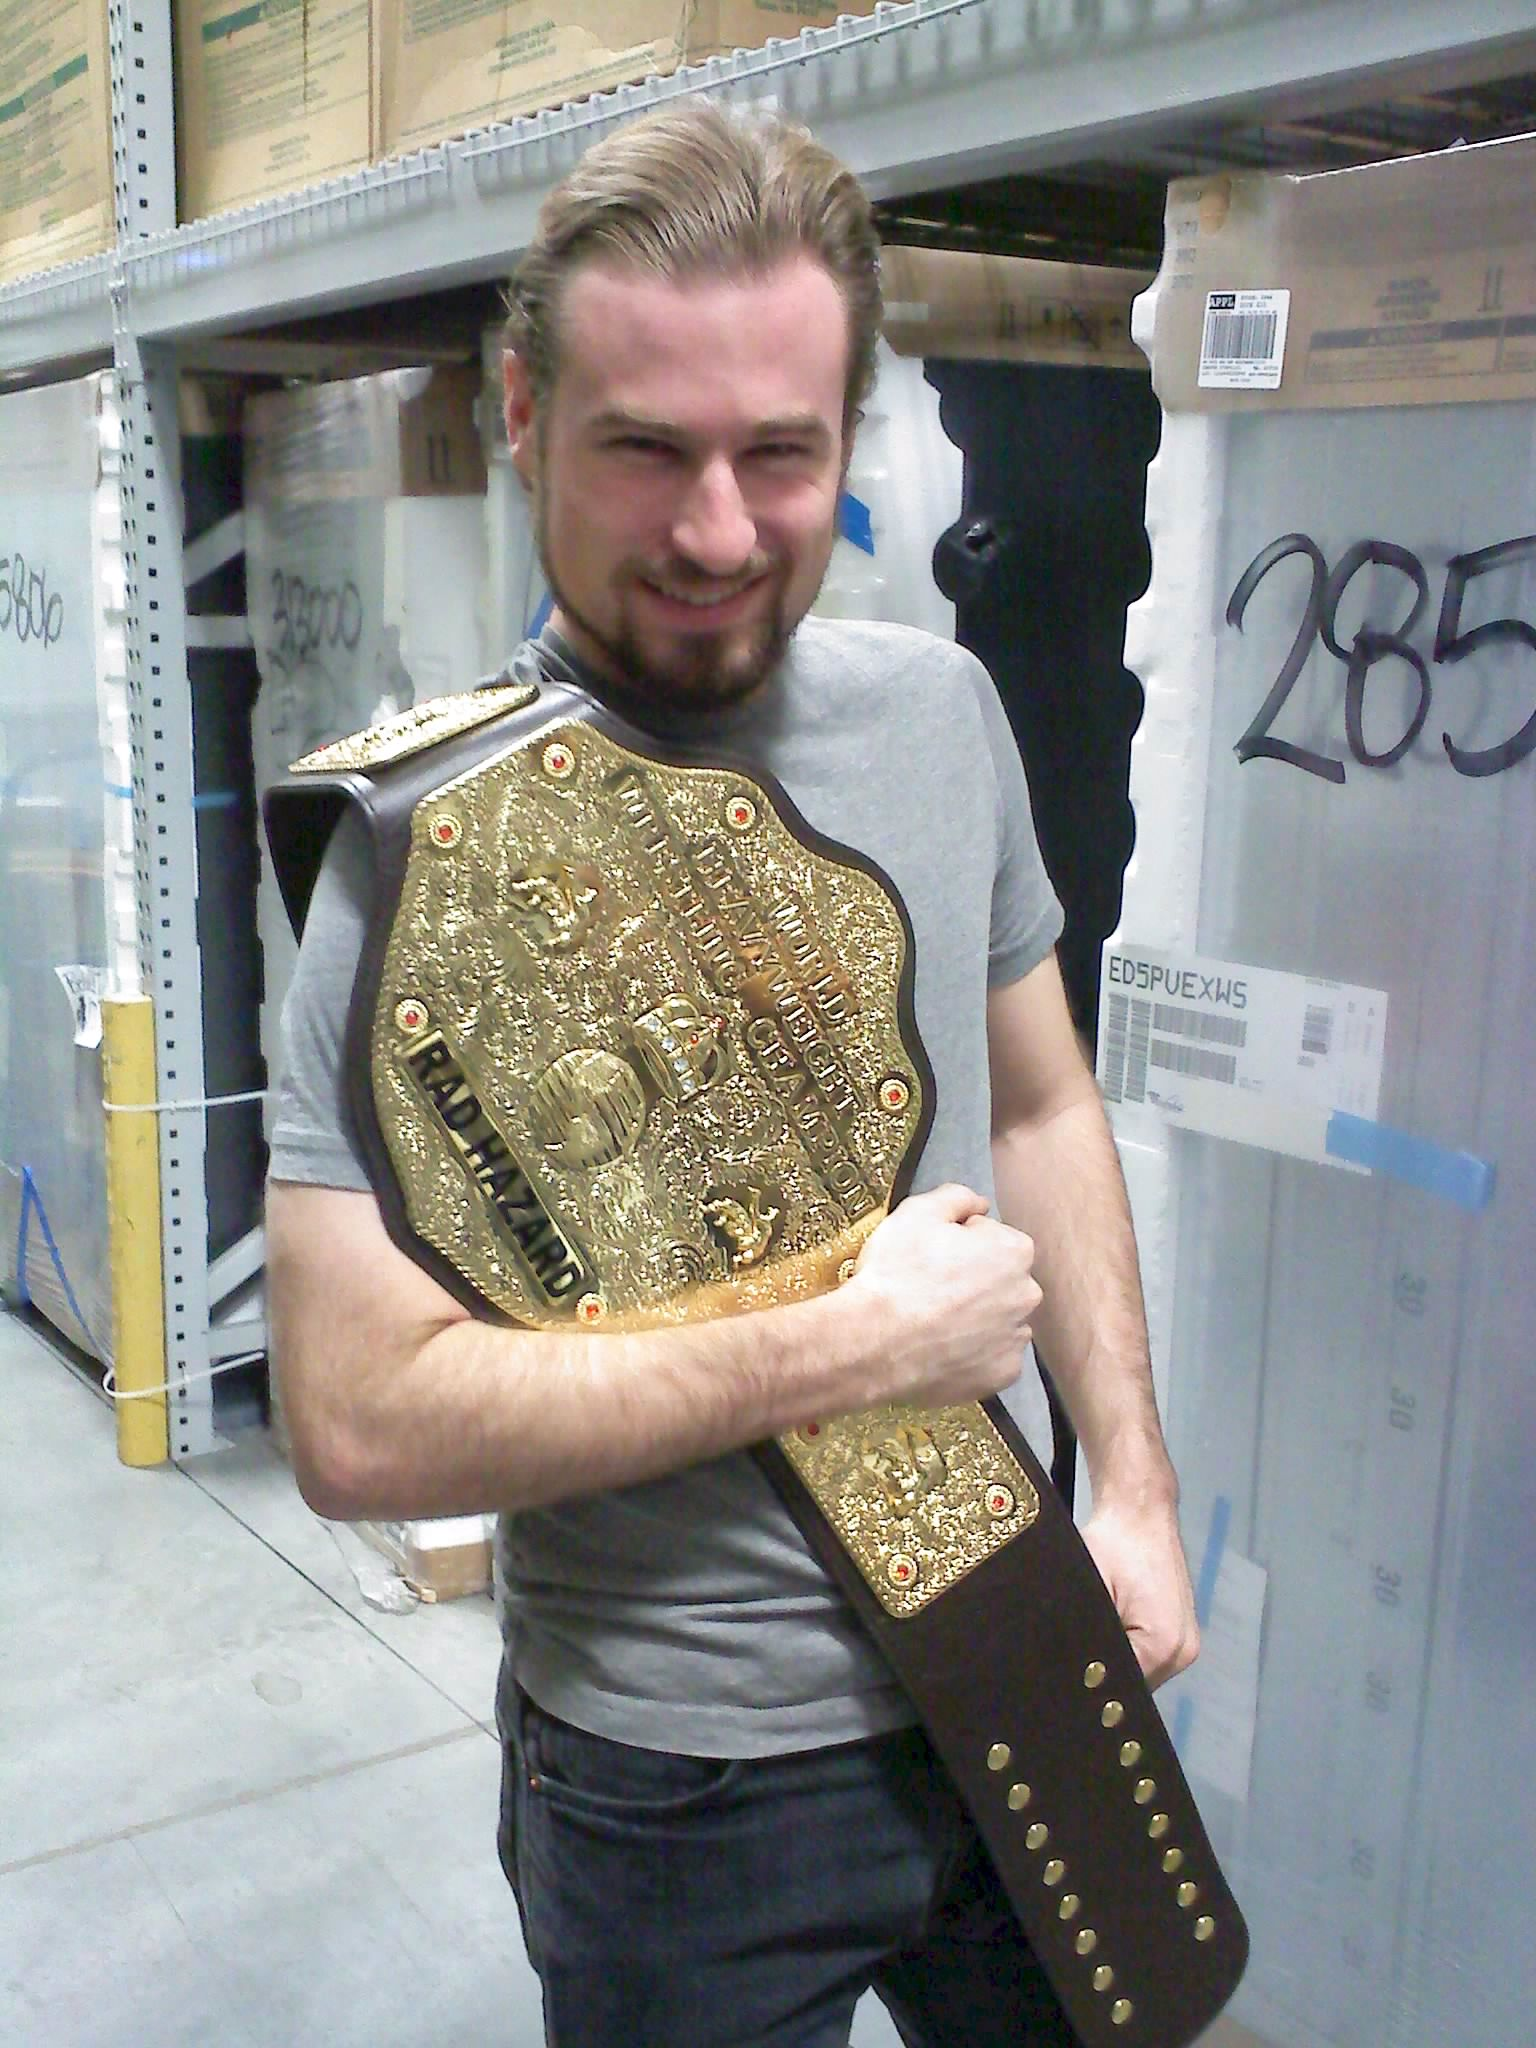 Rad Hazard Holding The Bbw World Championship Belt